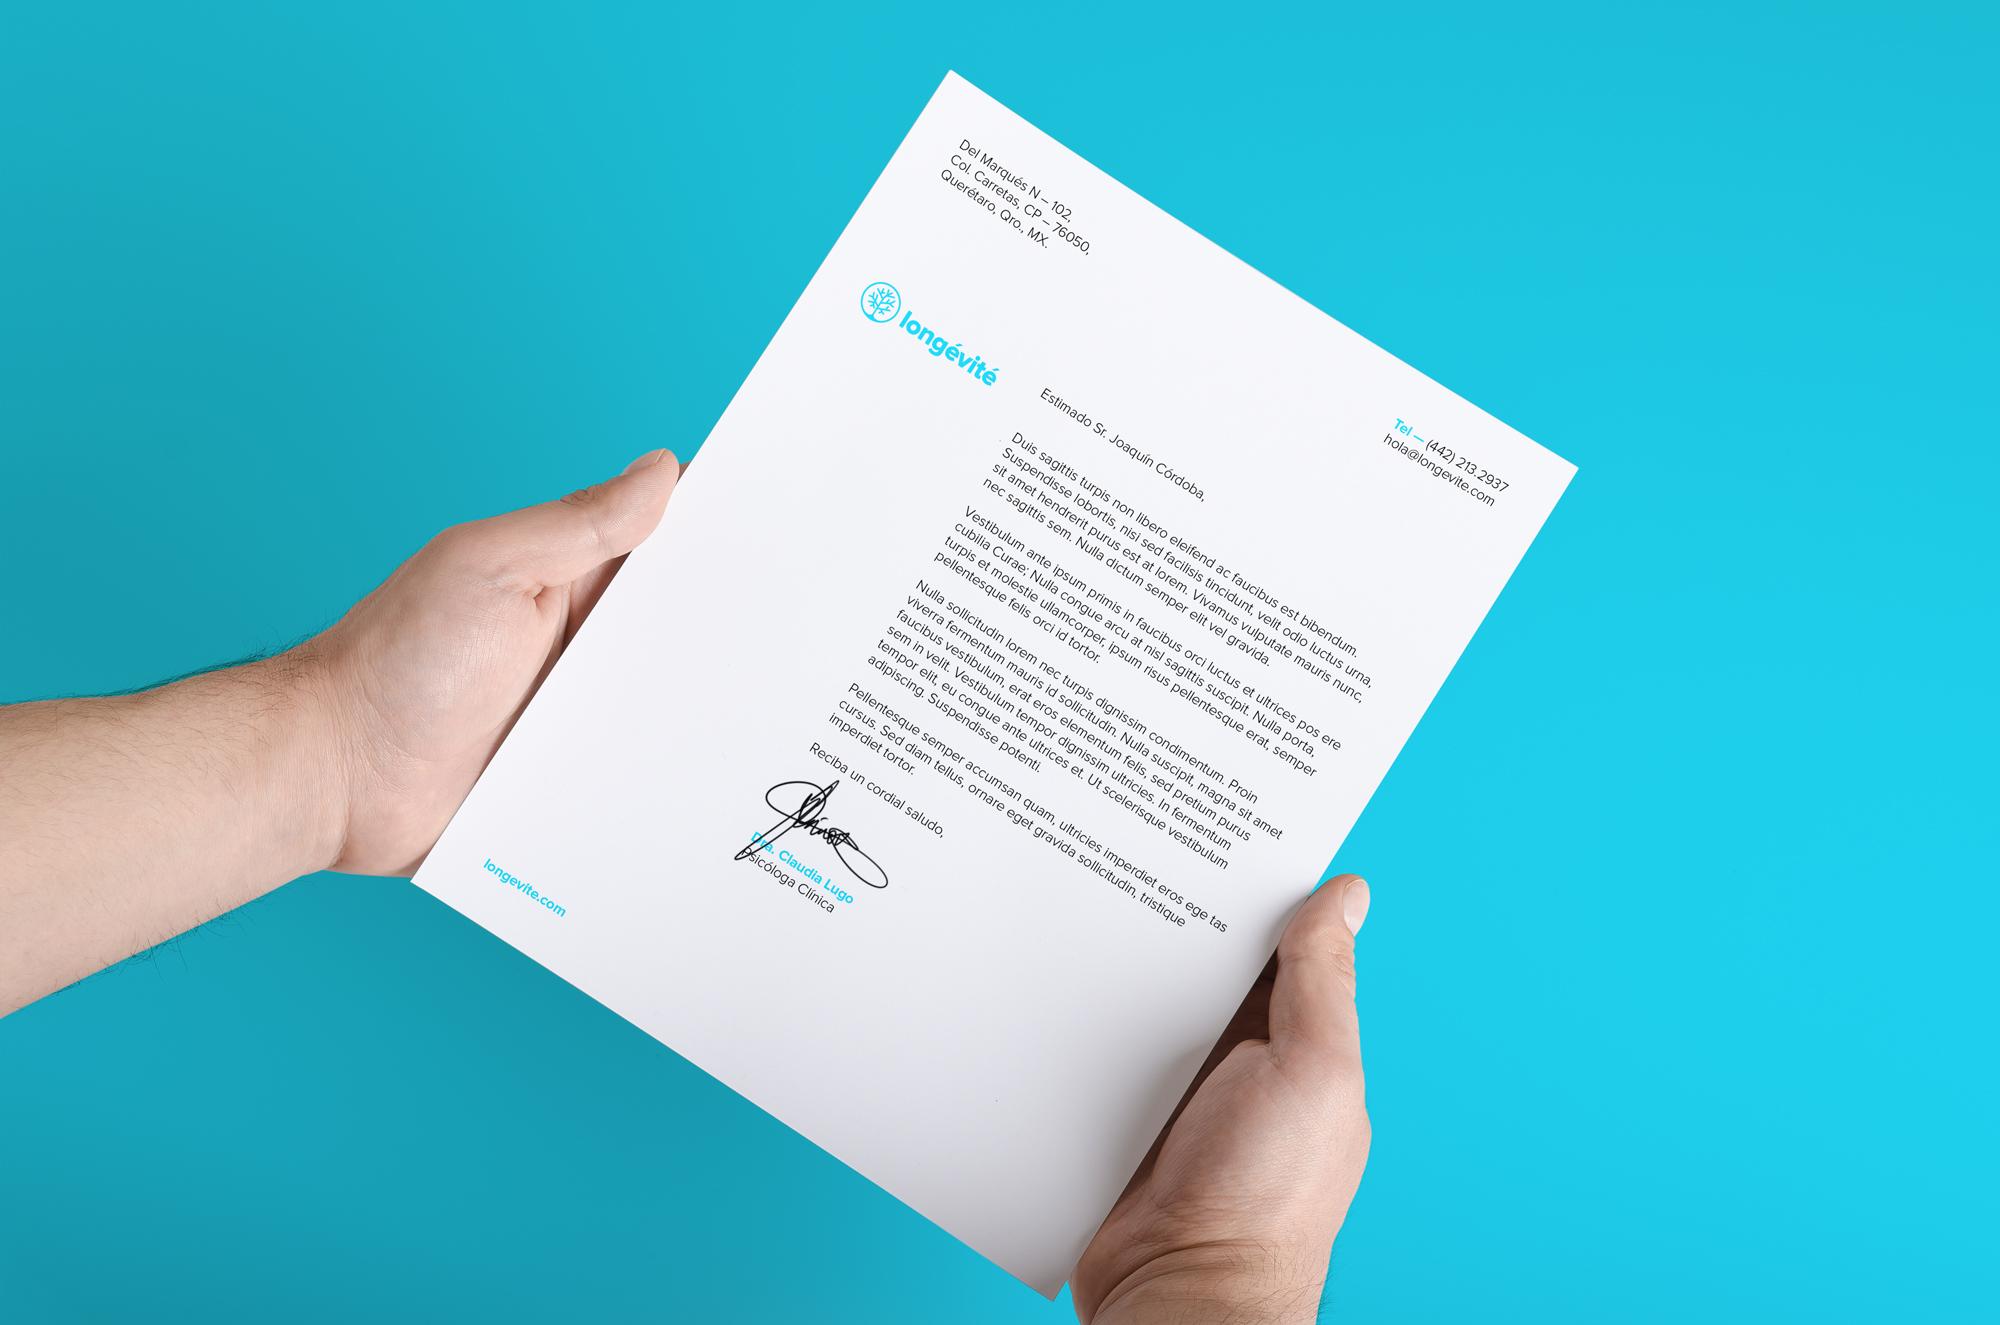 raniev-rod-alvarez-diseño-gráfico-queretaro-longevite-8-letterhead